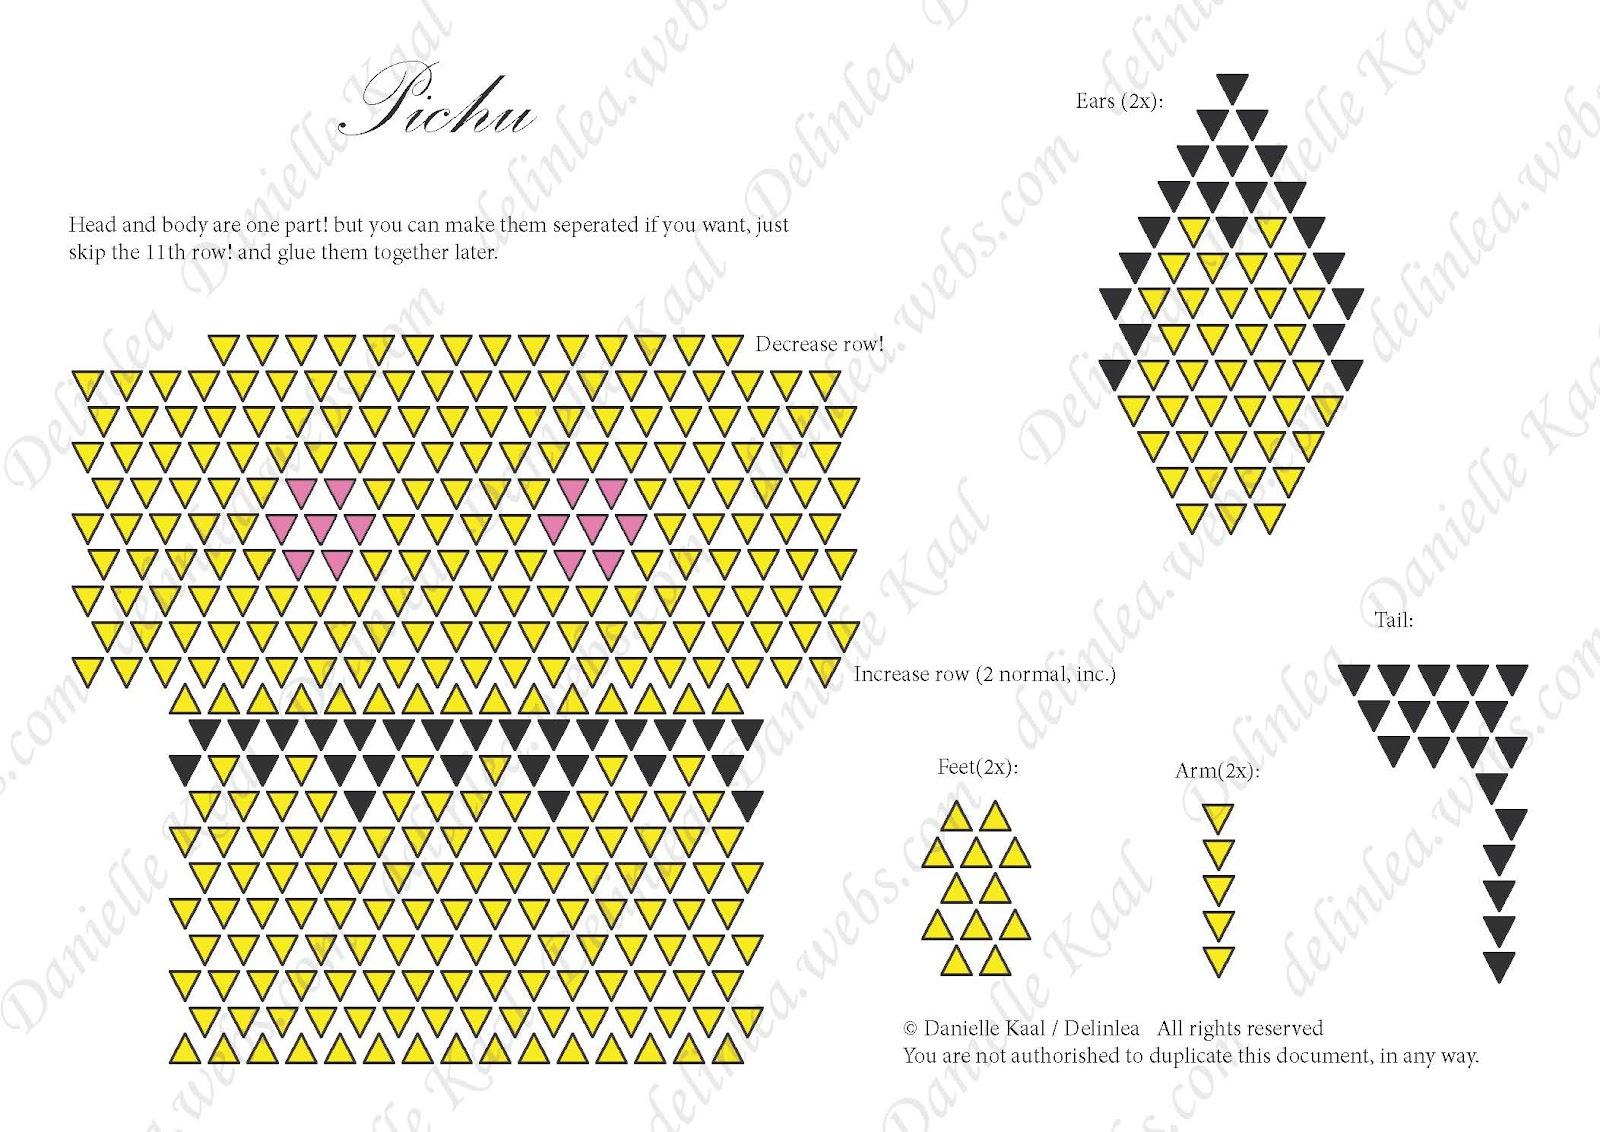 origami pokemon diagram the anatomy of anxiety diagrama pavo real modular 3d